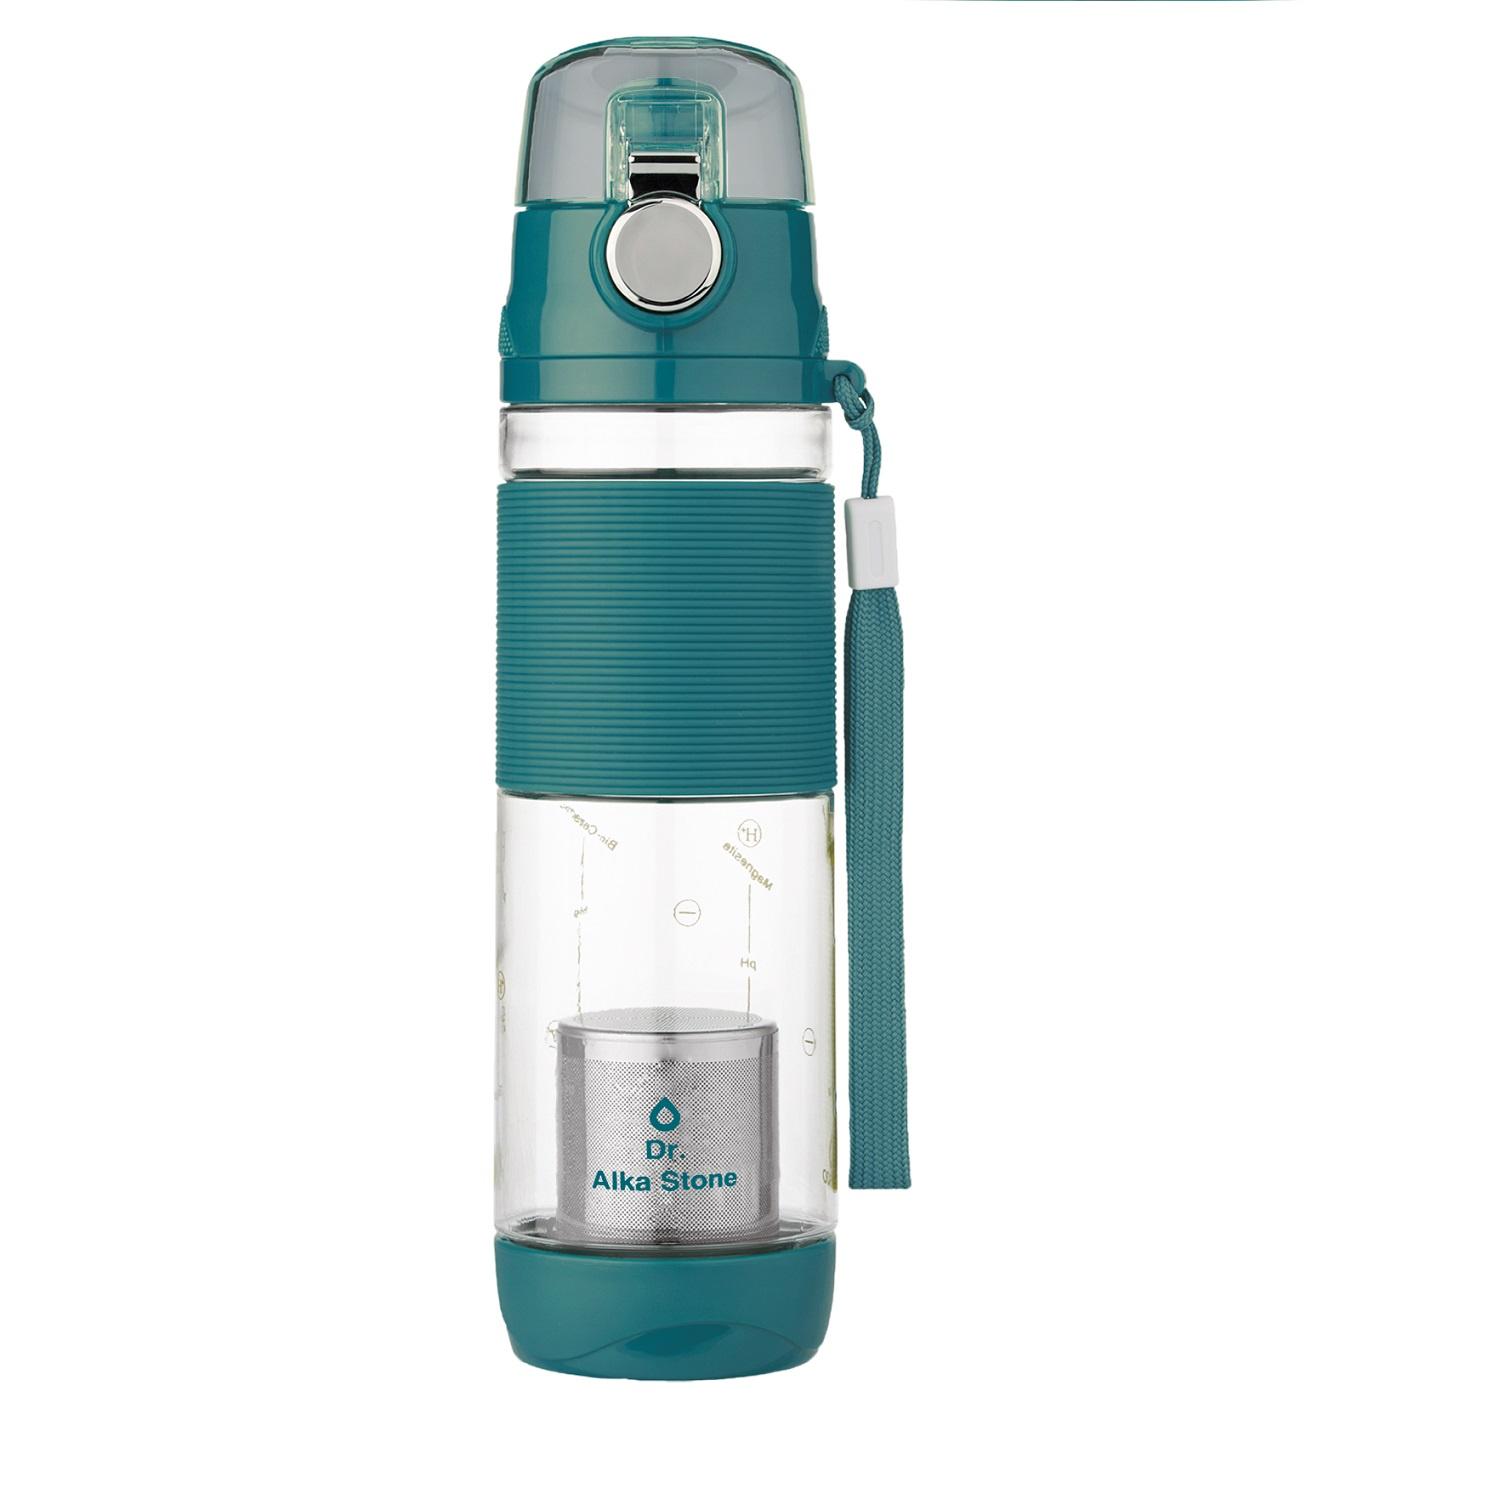 Средство для смягчения воды Dr.Alkastone Колба Аква обогатитель 600 мл, голубой, 340